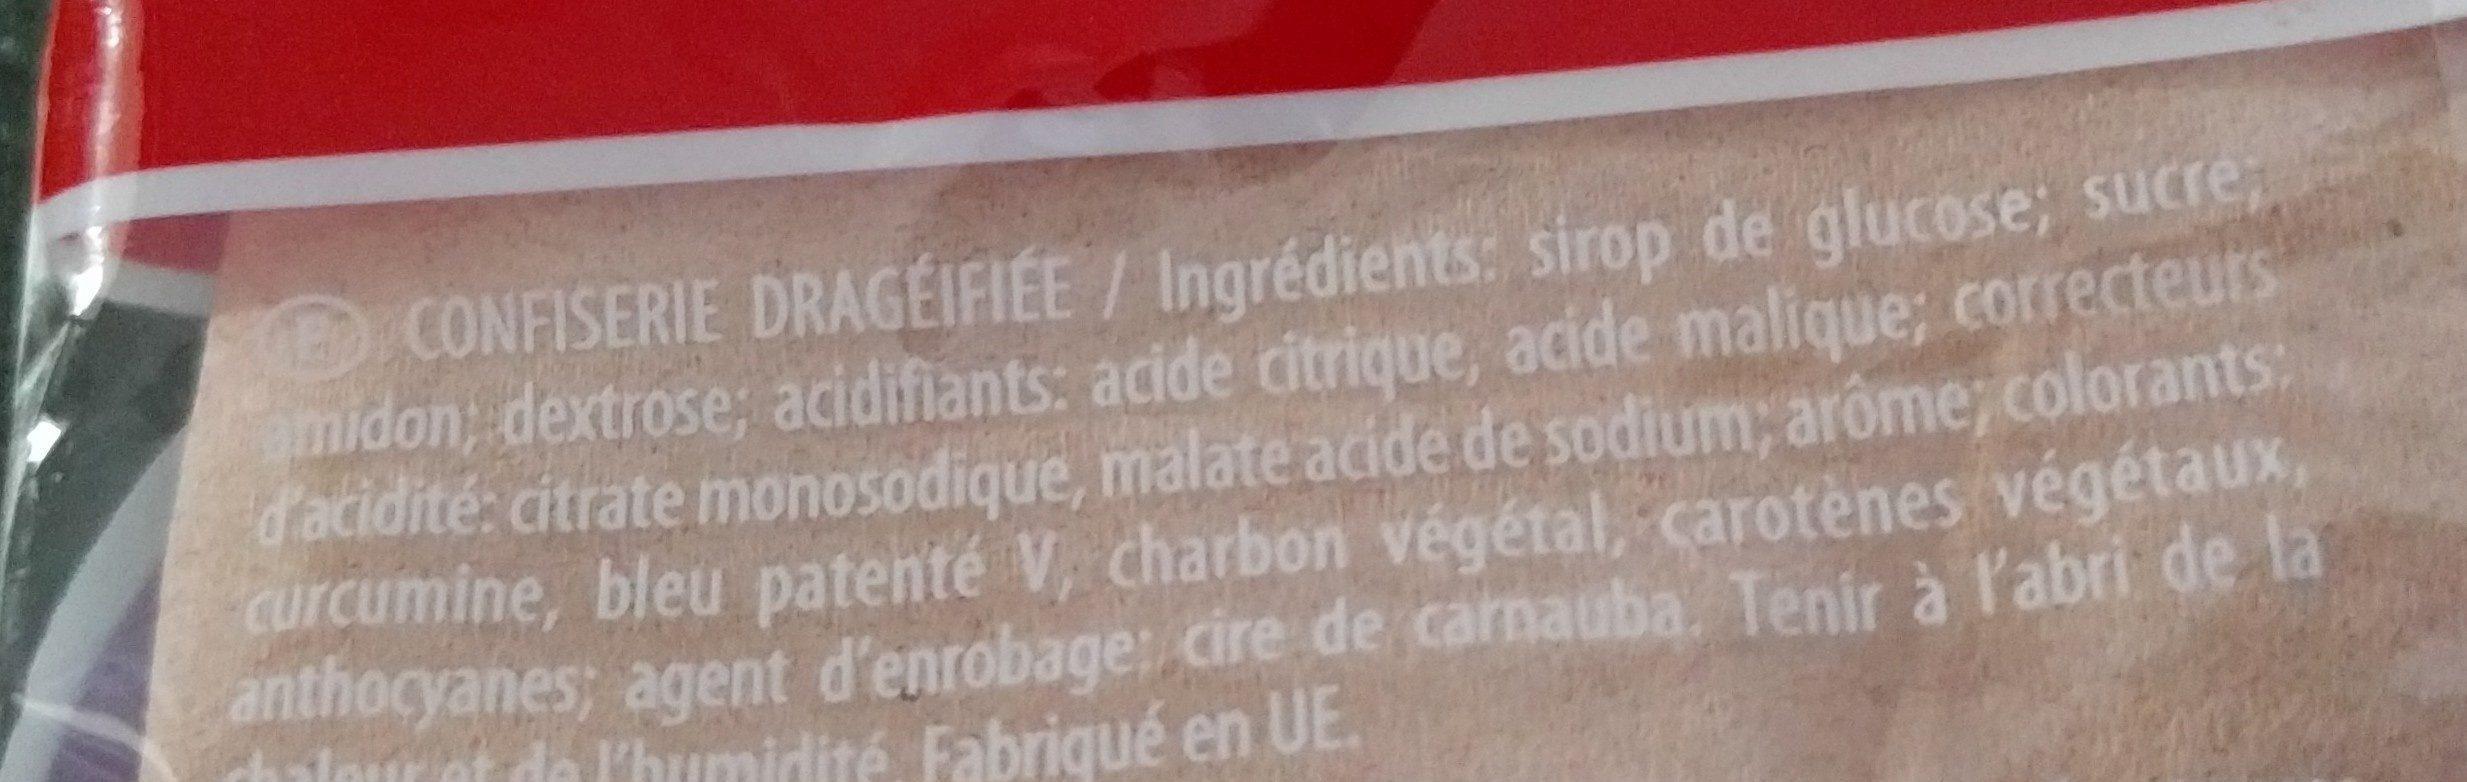 Dragibus - Ingrediënten